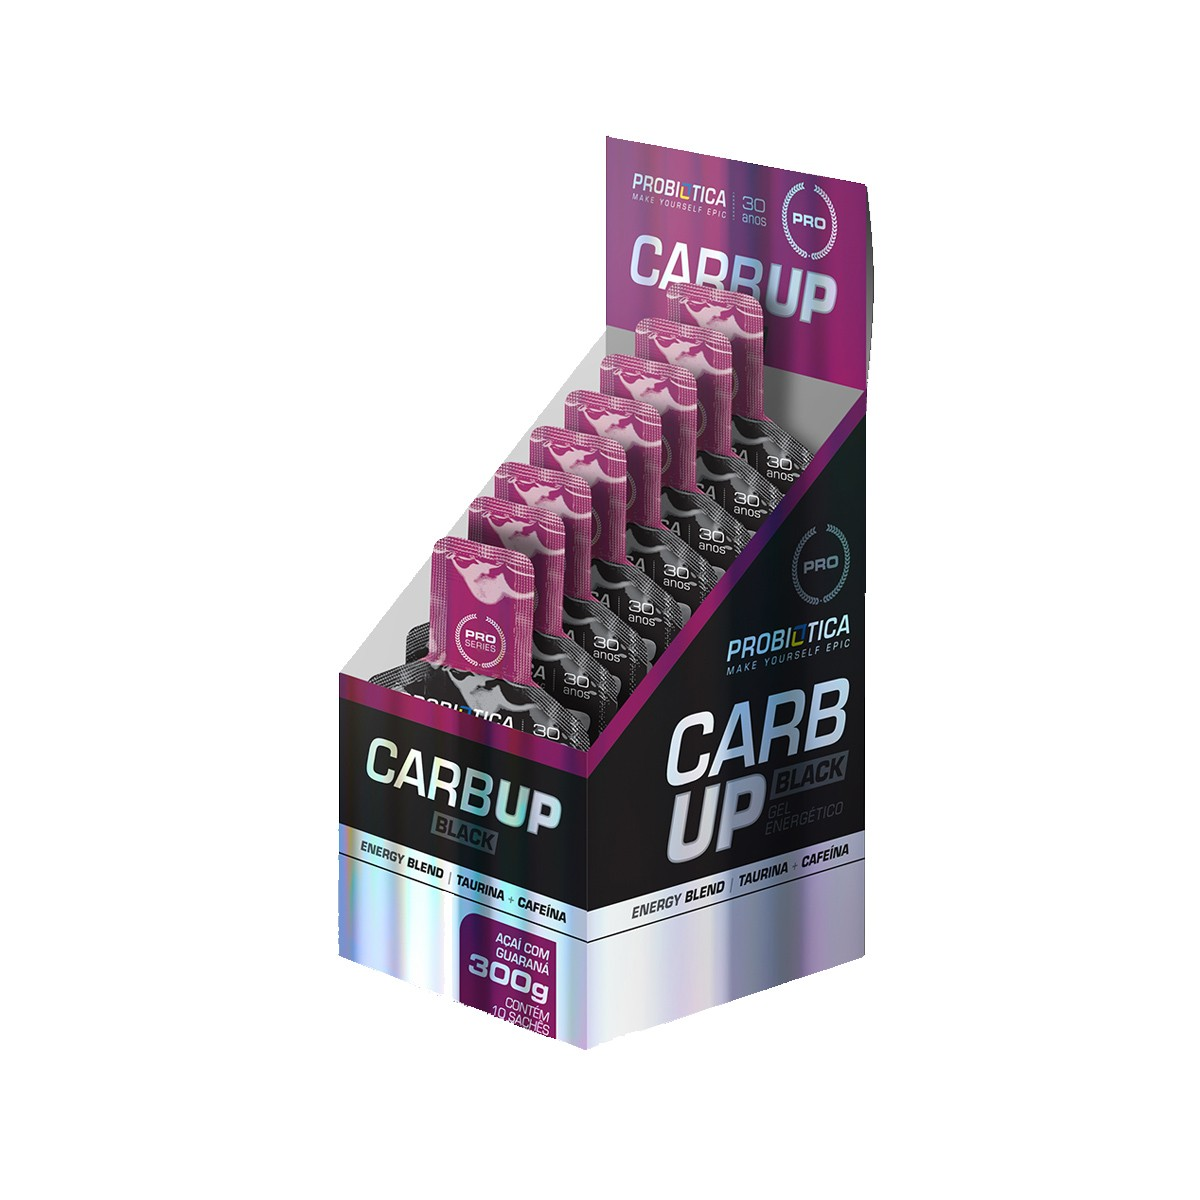 Gel Energético CarbUp Black Sabor Guaraná com Açaí Display com 10 sachês de 30g- Probiotica